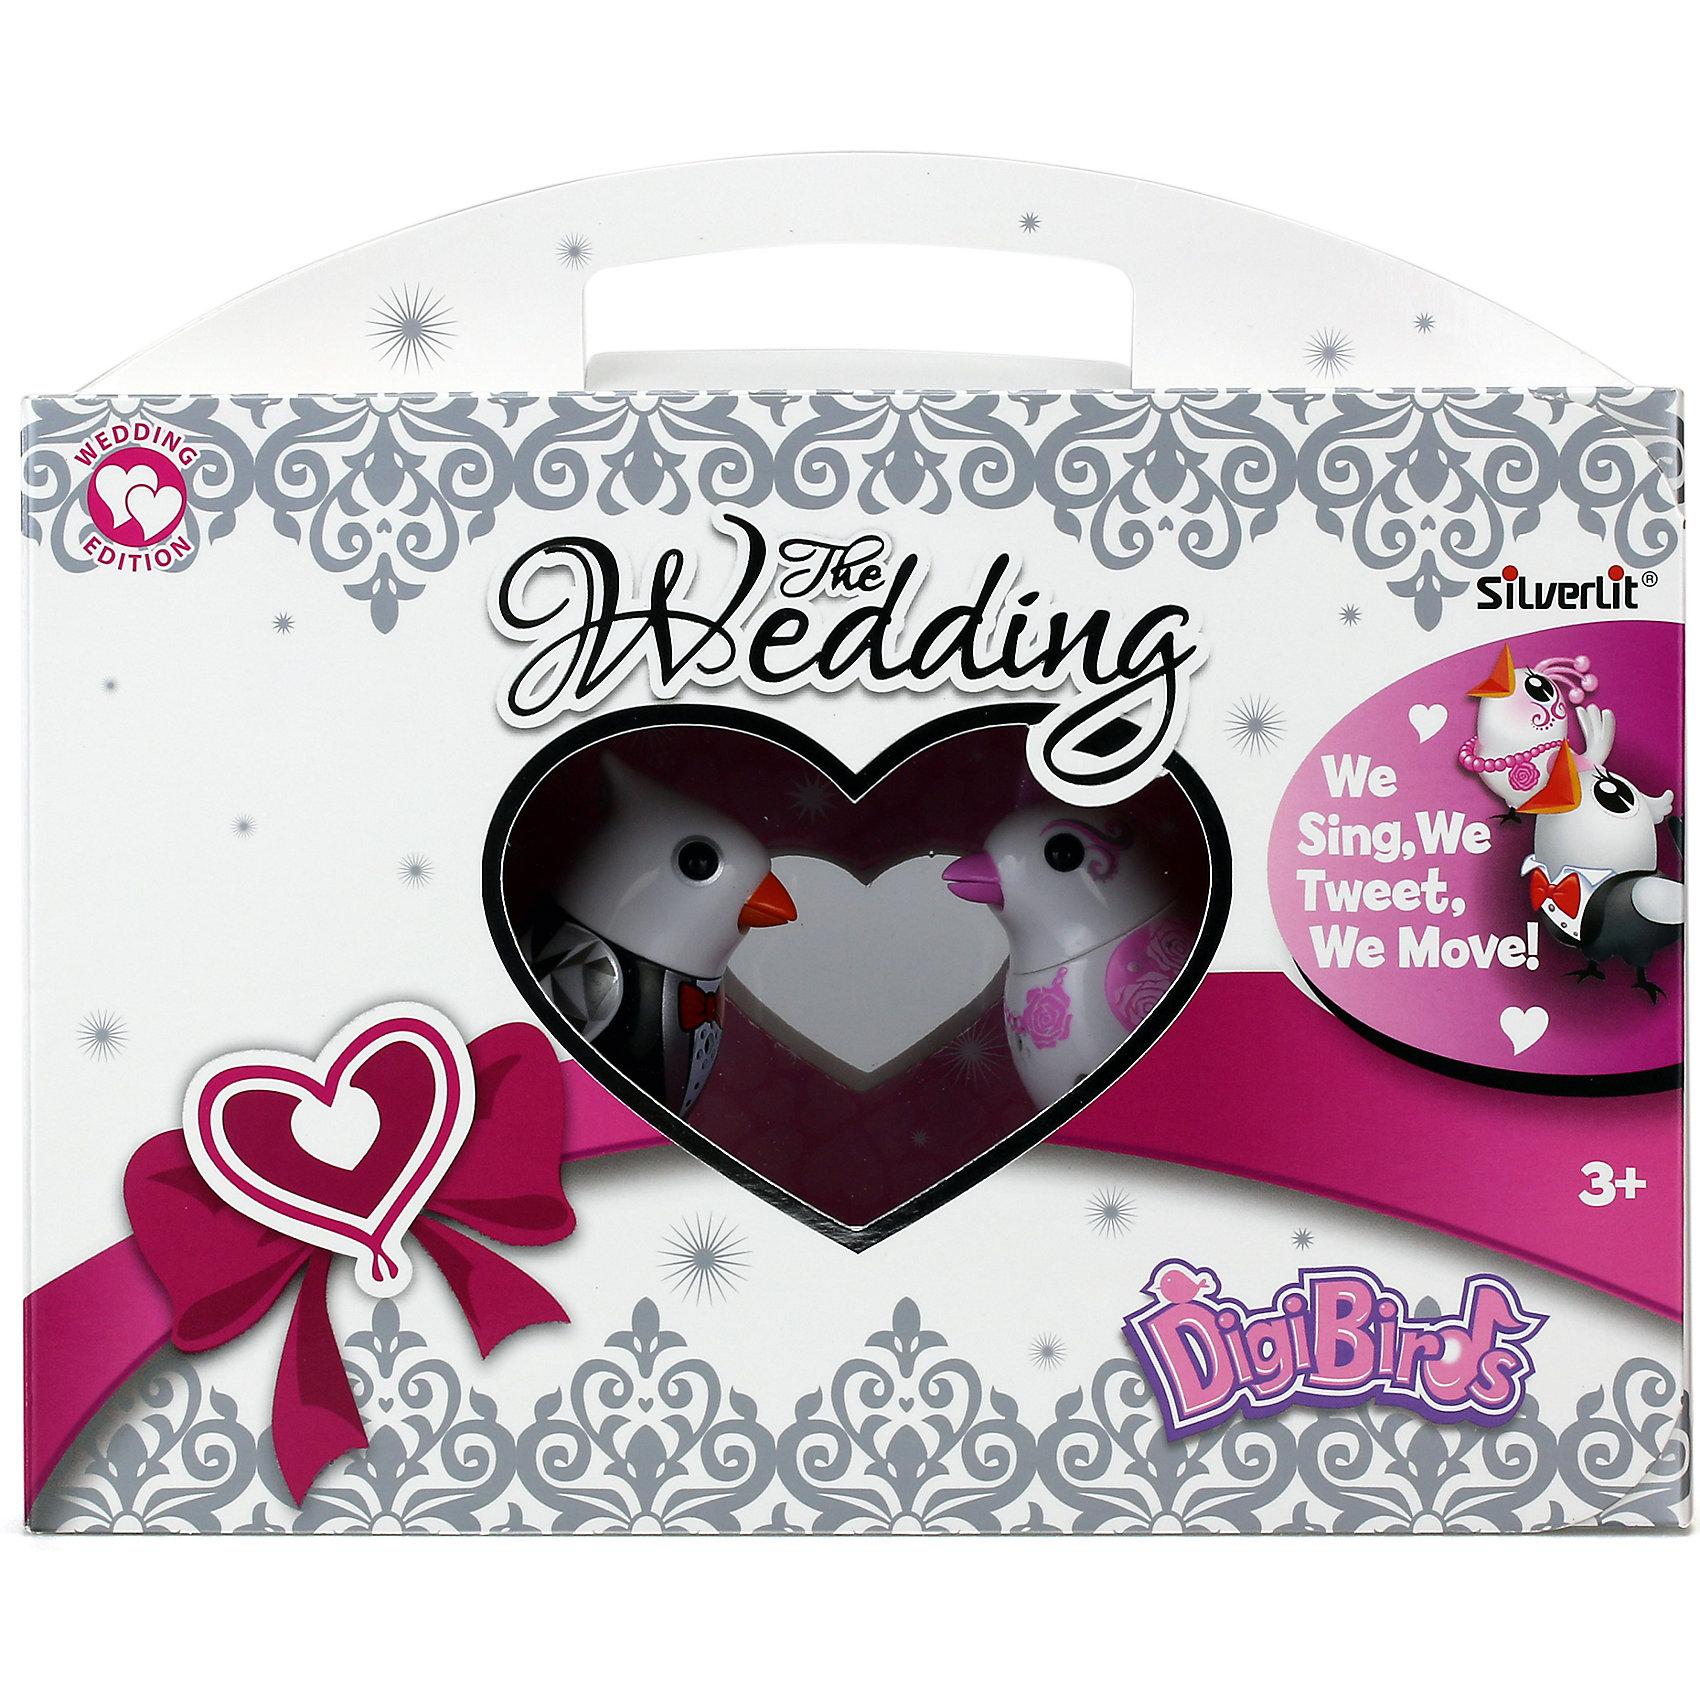 Поющие птички Жених и невеста, DigiBirdsПоющие птички - прекрасный подарок, который обязательно порадует ребенка. Птички в костюмах жениха и невесты могут исполнять мелодии как сольно, так и хором, чтобы они пели или щебетали, на них нужно подуть или посвистеть в свисток. Для каждой игрушки предусмотрено кольцо-свисток, которое надевается на палец, на нем можно закрепить свою птичку. <br><br>Дополнительная информация:<br><br>- Материал: пластик, металл.<br>- Размер упаковки: 15,2х12х12 см.<br>- 2 режима пения: соло и хор.<br>- 55 мелодий.<br>- Элемент питания: батарейки LR44 (в комплекте).<br><br>Поющих птичек Жених и невеста, DigiBirds (ДигиБердс), можно купить в нашем магазине.<br><br>Ширина мм: 76<br>Глубина мм: 152<br>Высота мм: 222<br>Вес г: 266<br>Возраст от месяцев: 36<br>Возраст до месяцев: 84<br>Пол: Унисекс<br>Возраст: Детский<br>SKU: 4533890